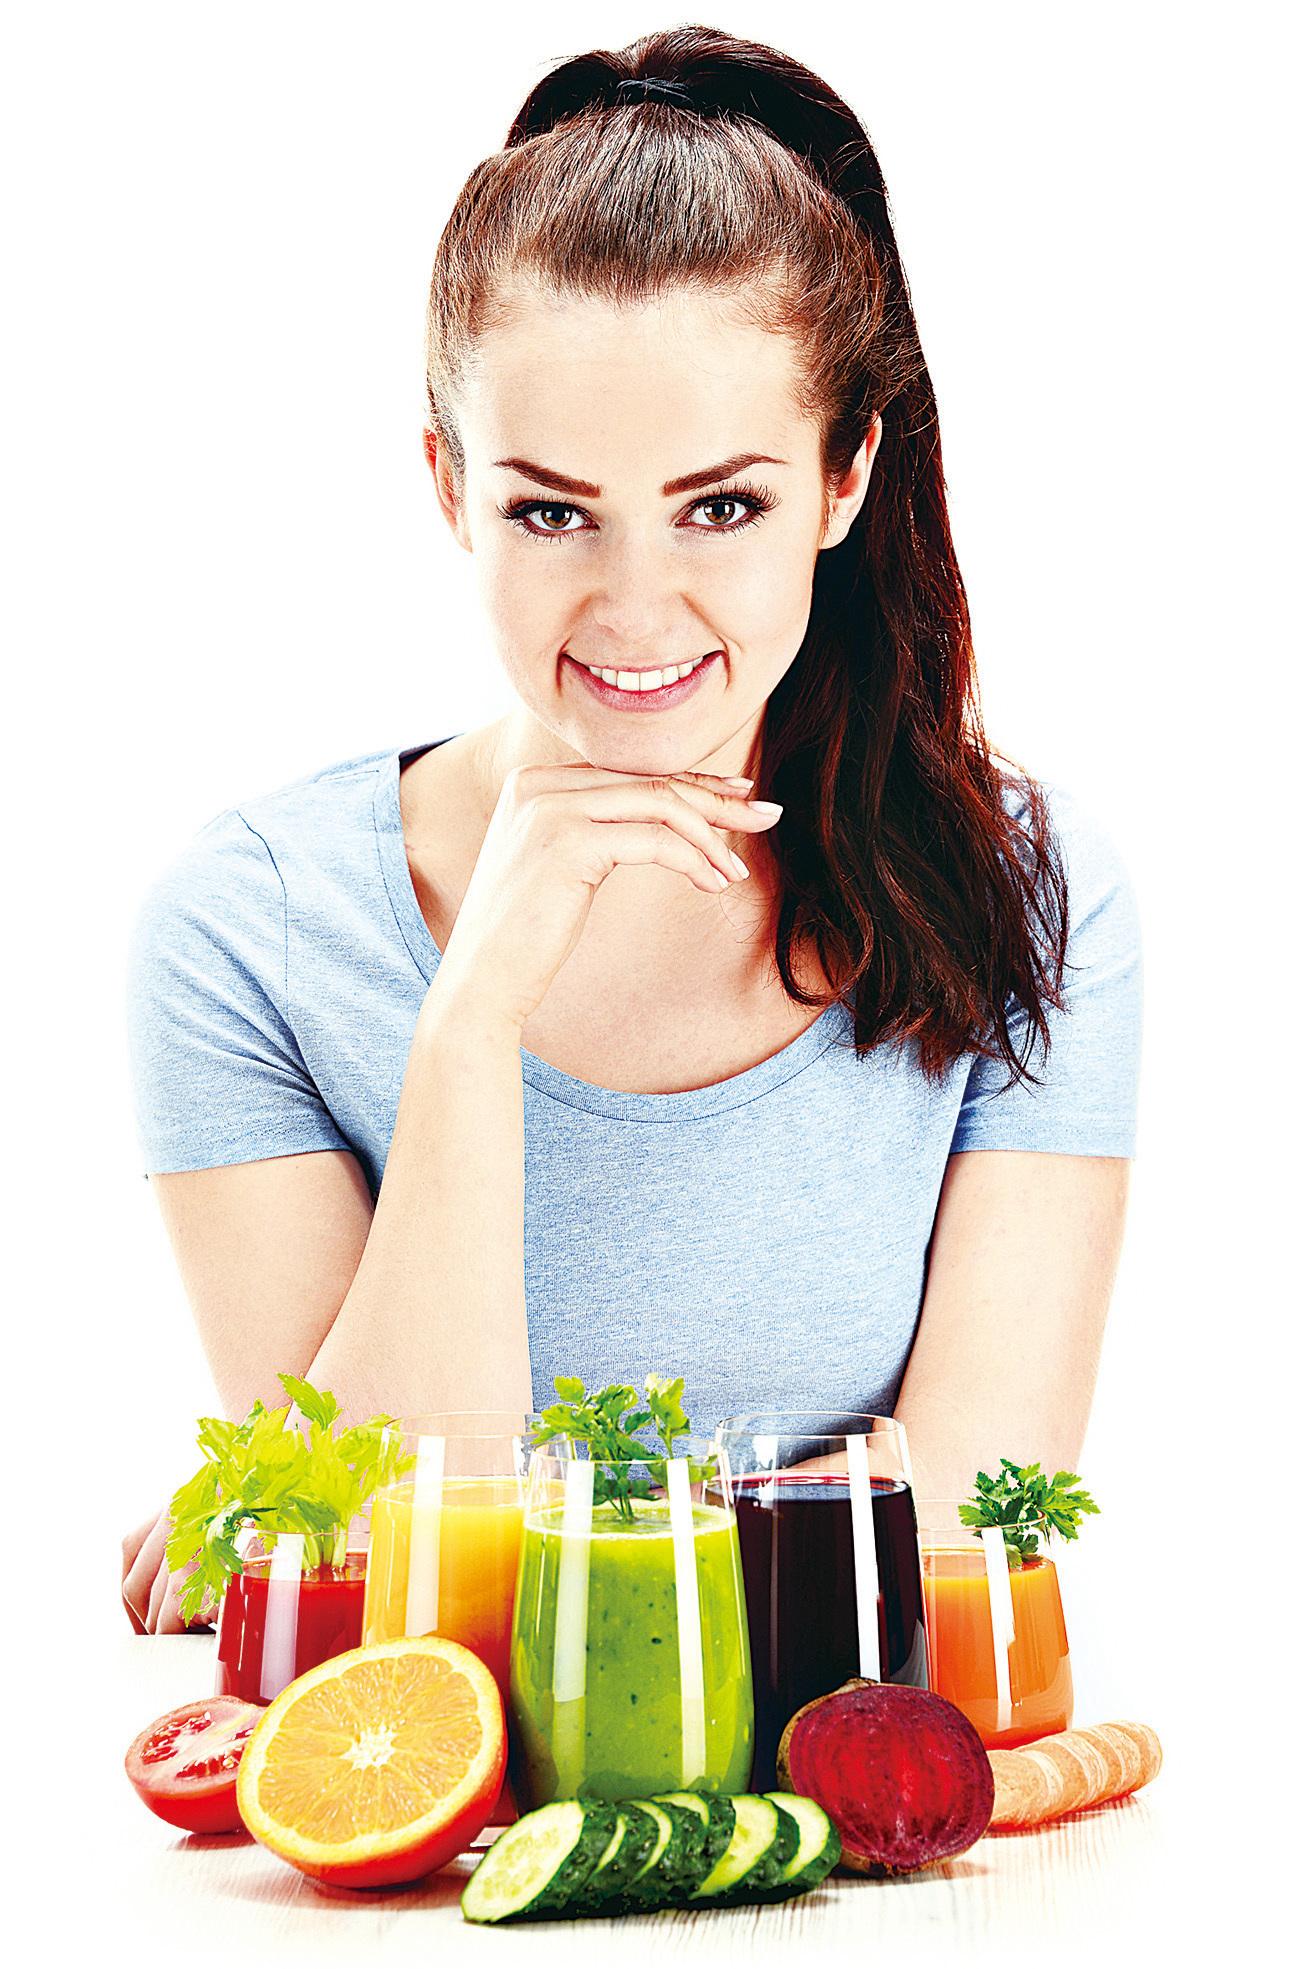 果汁養生 酸性原汁喝壞腸胃